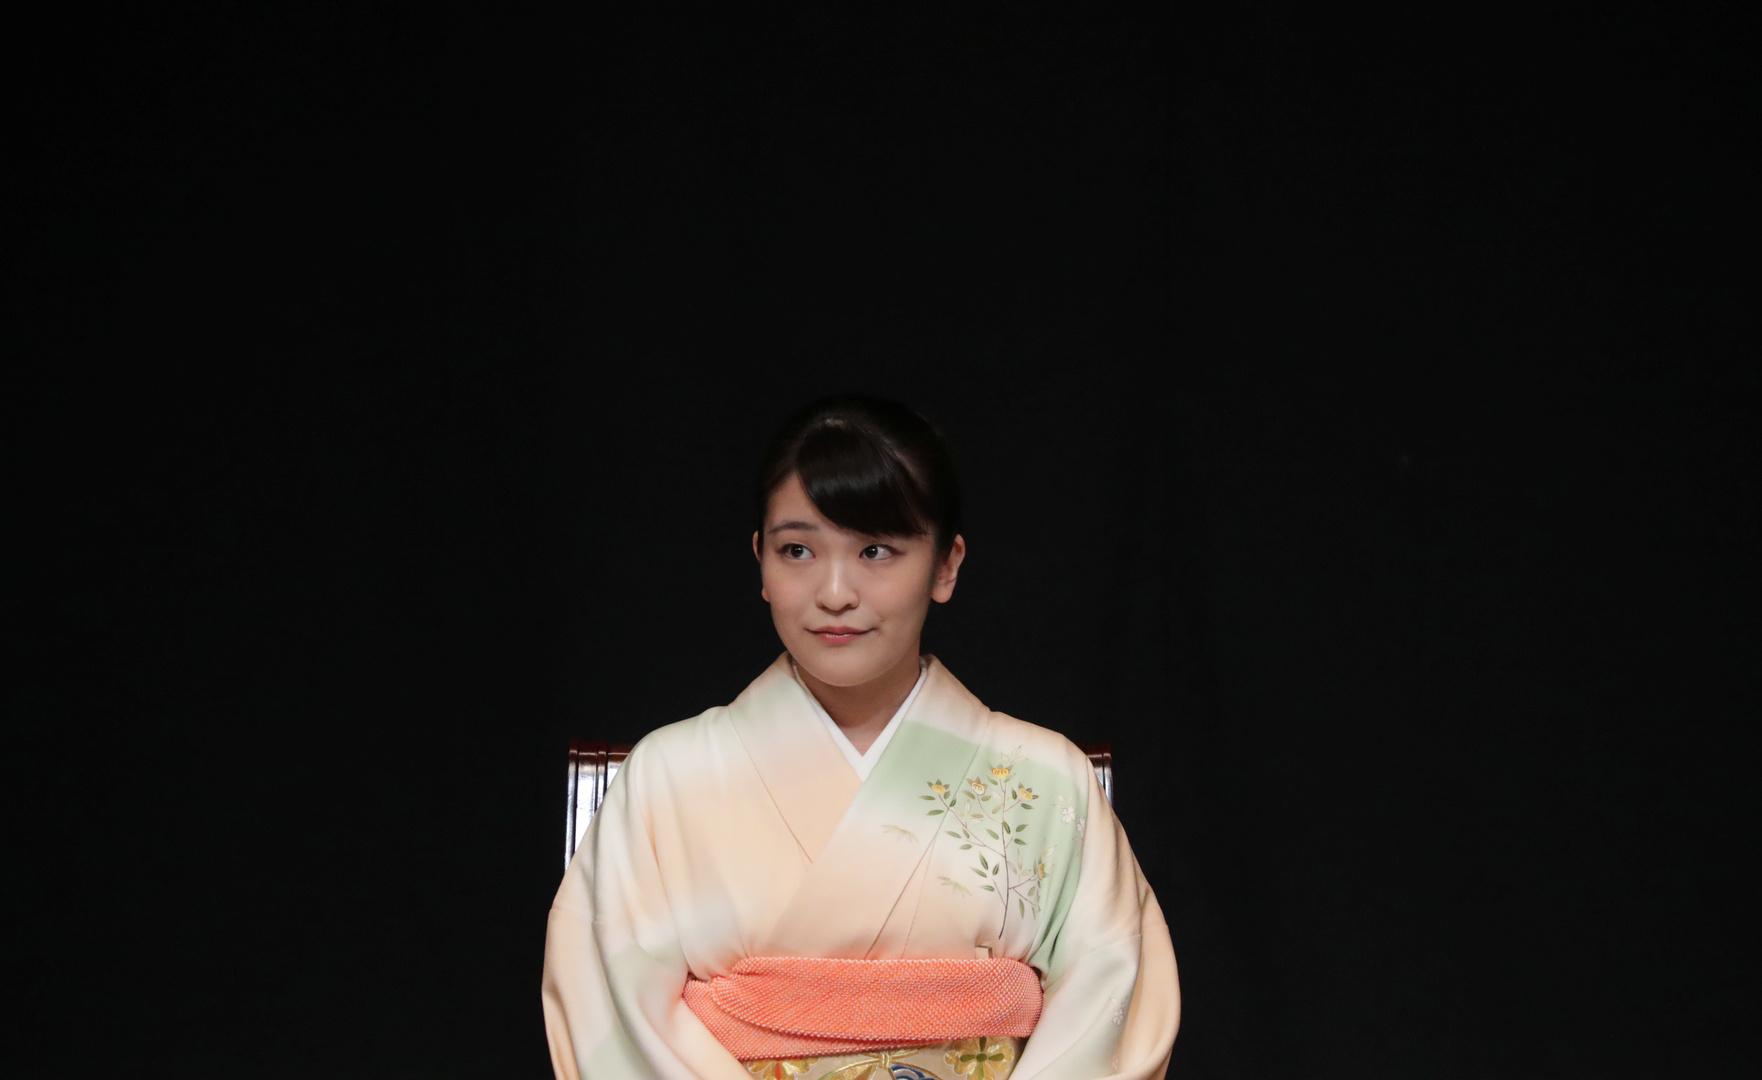 الأميرة اليابانية ماكو ستتنازل عن مليون دولار لتتزوج شابا من العامة